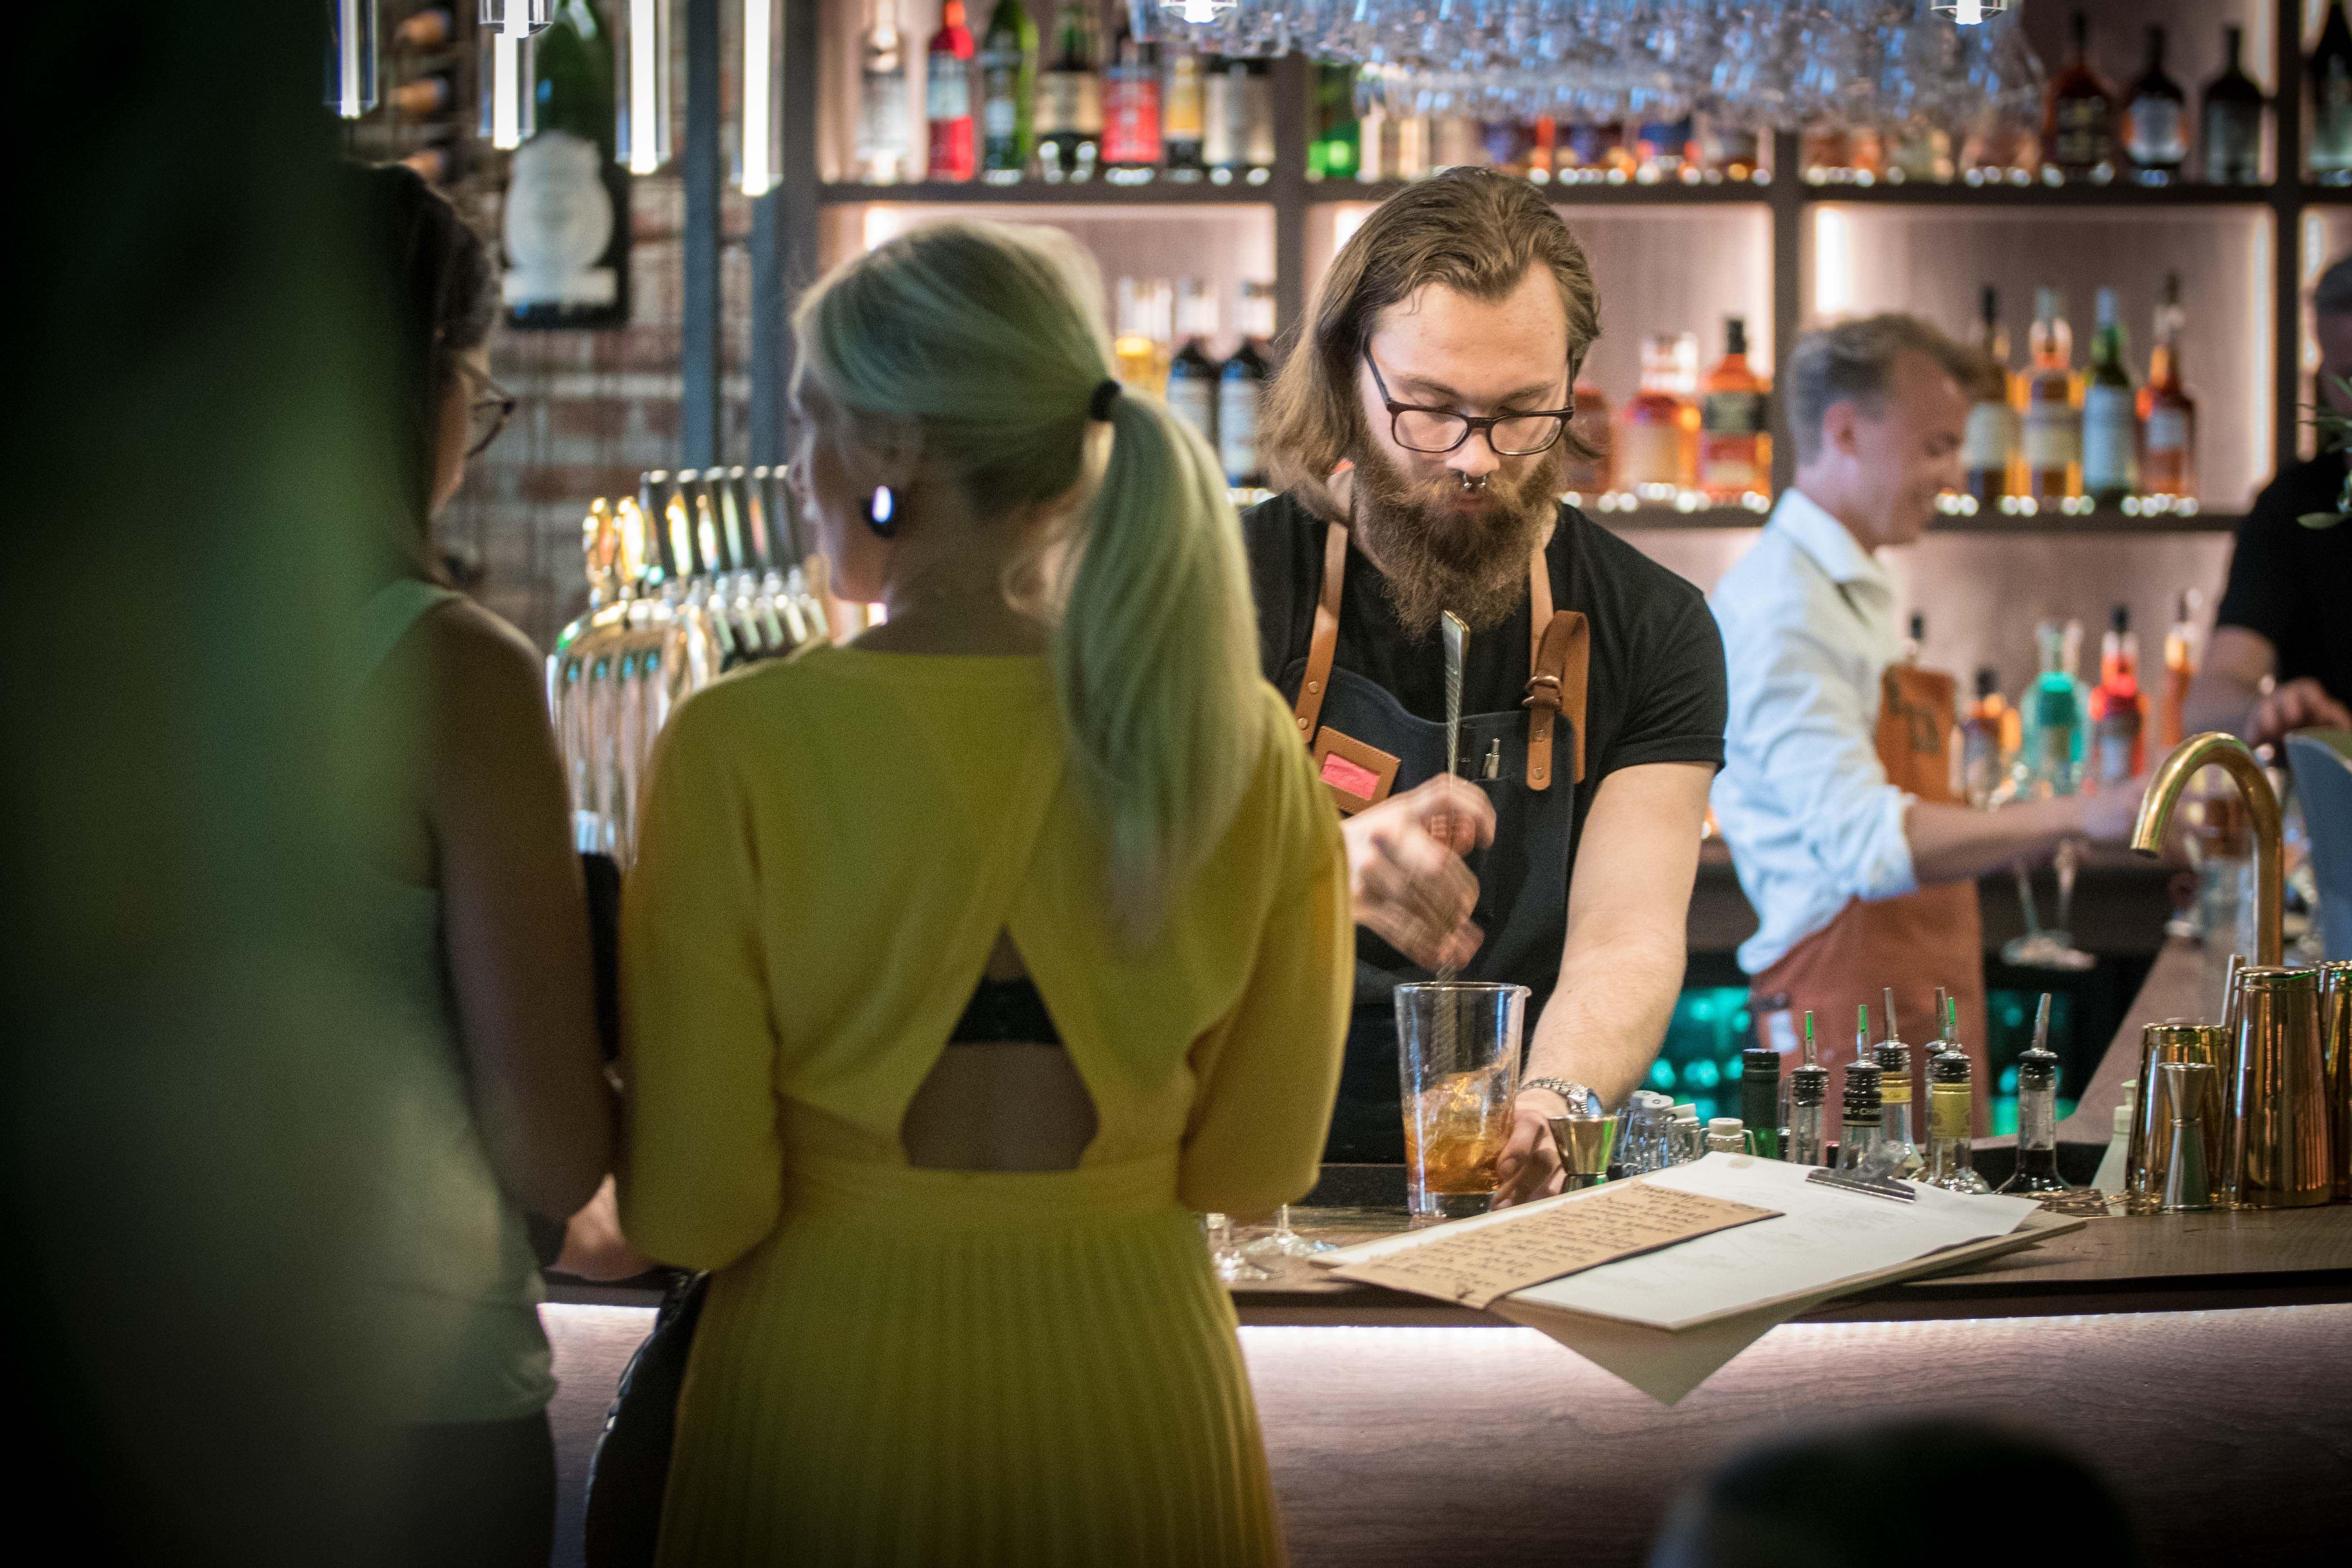 Foto: Magazinet Bar,  © Copy: Magazinet Bar, Magazinet Bar